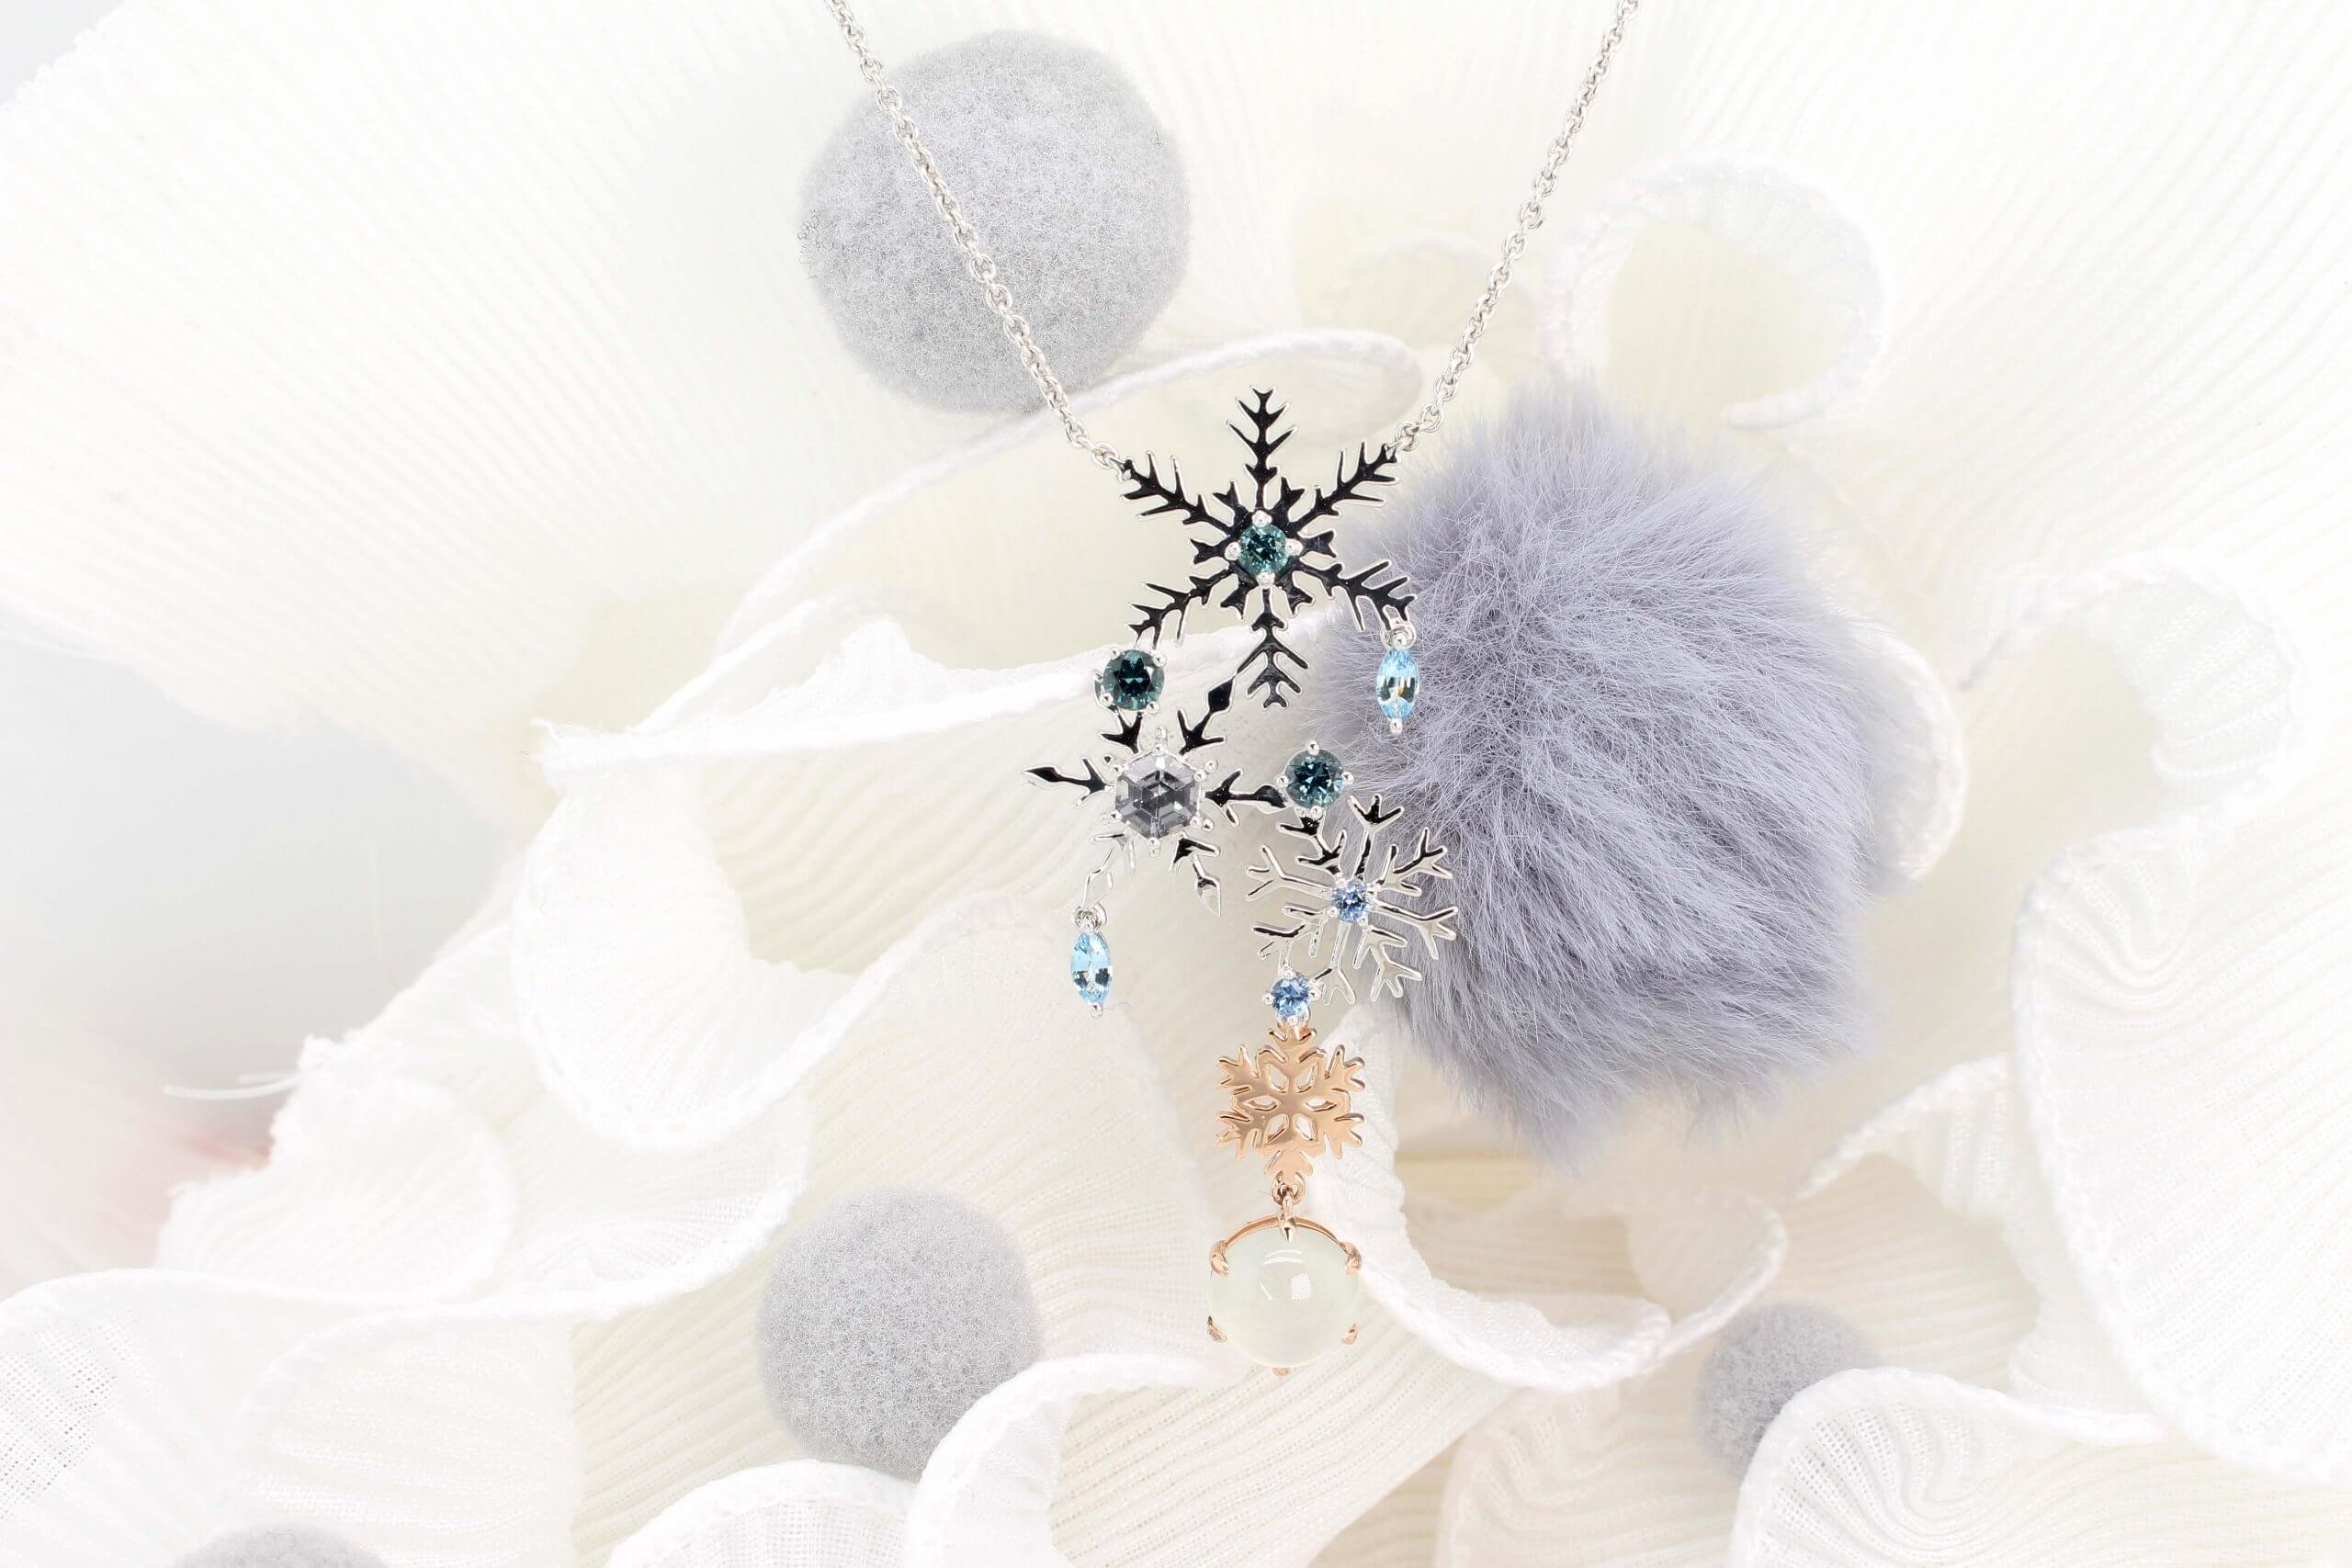 Snowflake Wedding Jewellery Pendant Sidianjin Wedding Jewellery